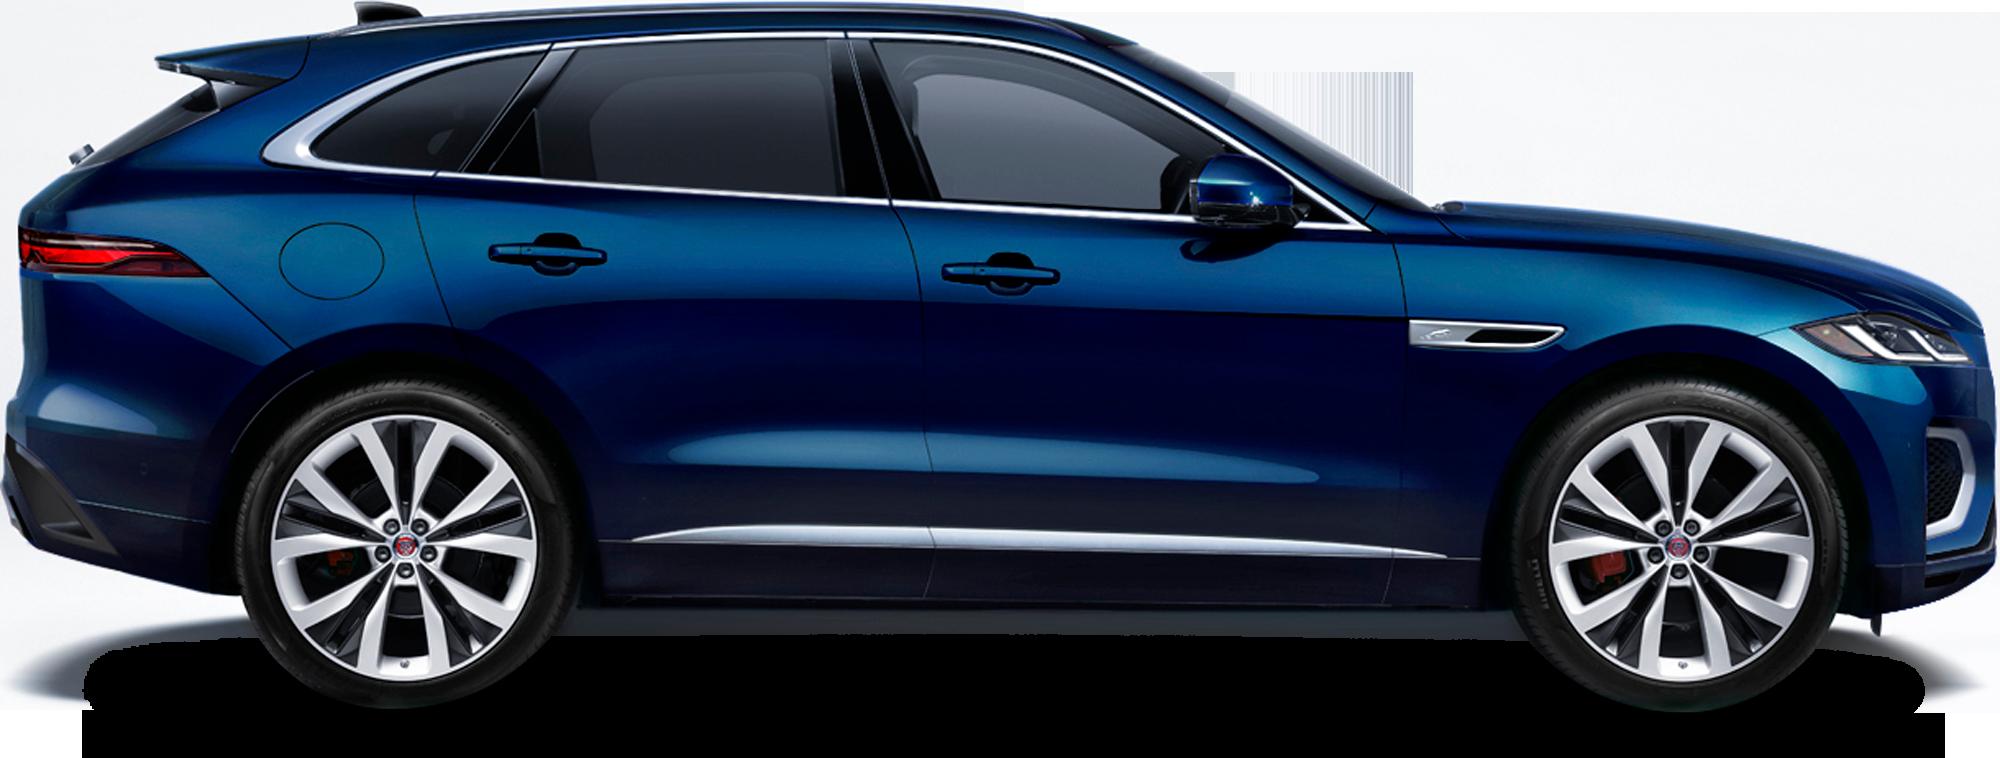 2021 Jaguar F-PACE SUV P340 S